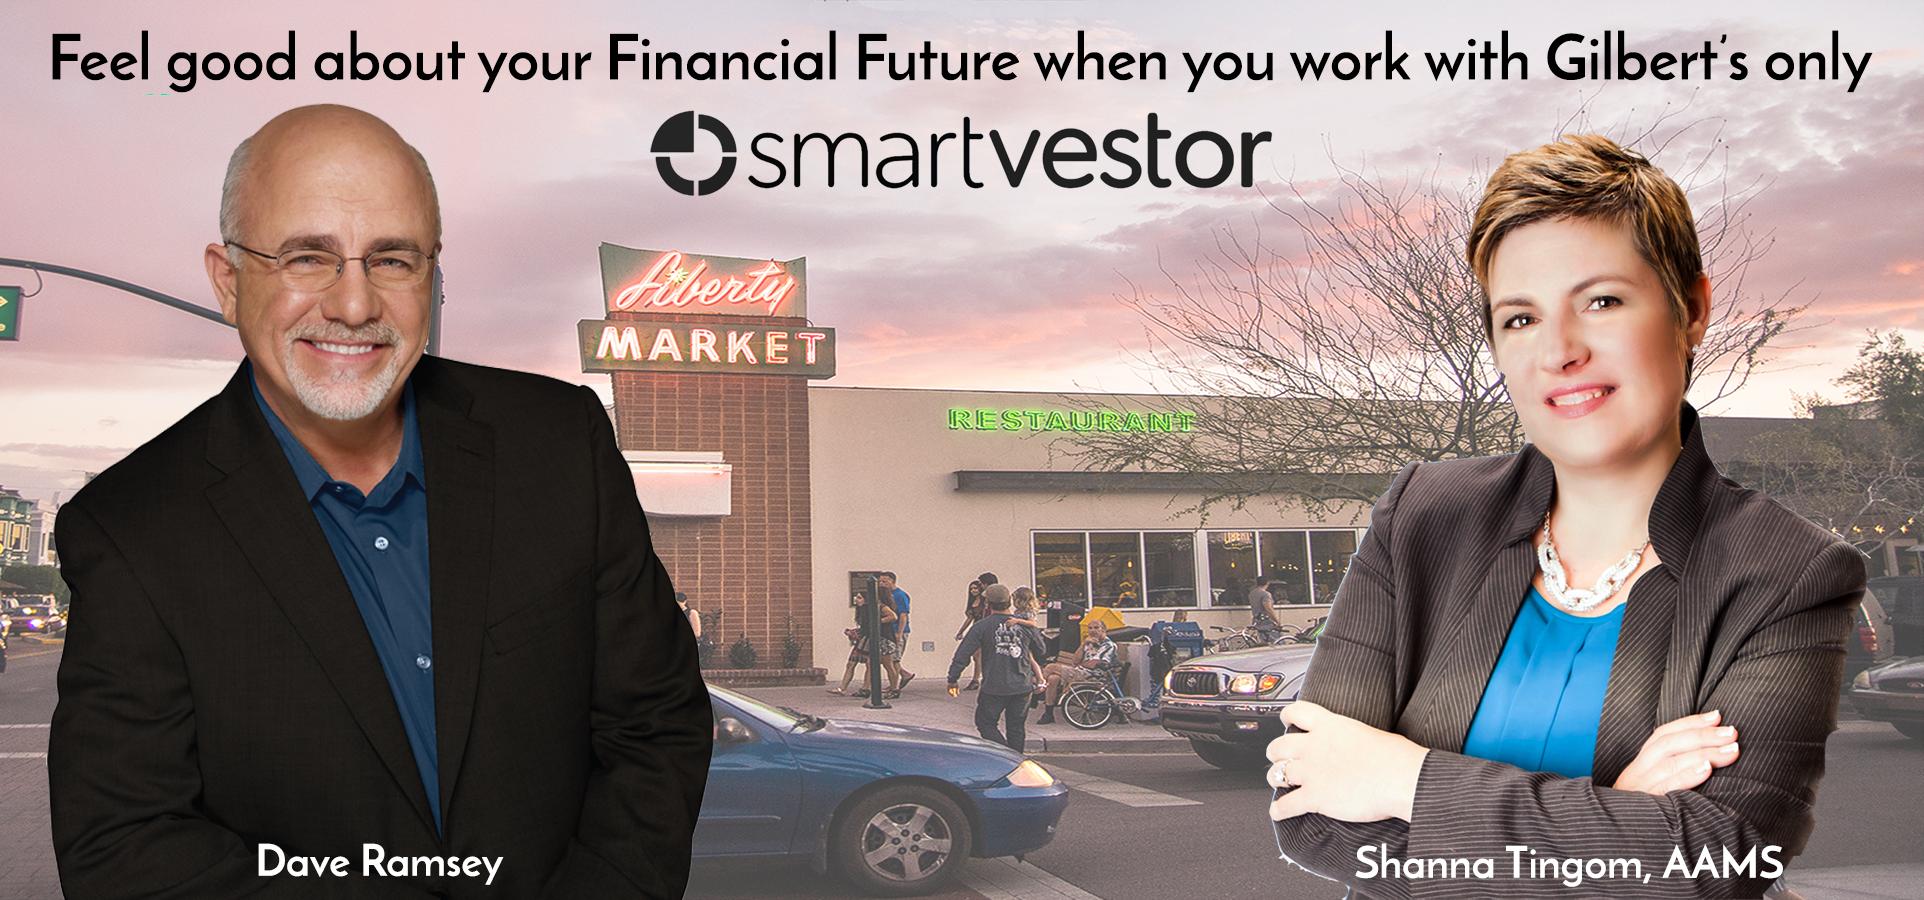 Smartvestor Page1-2.png